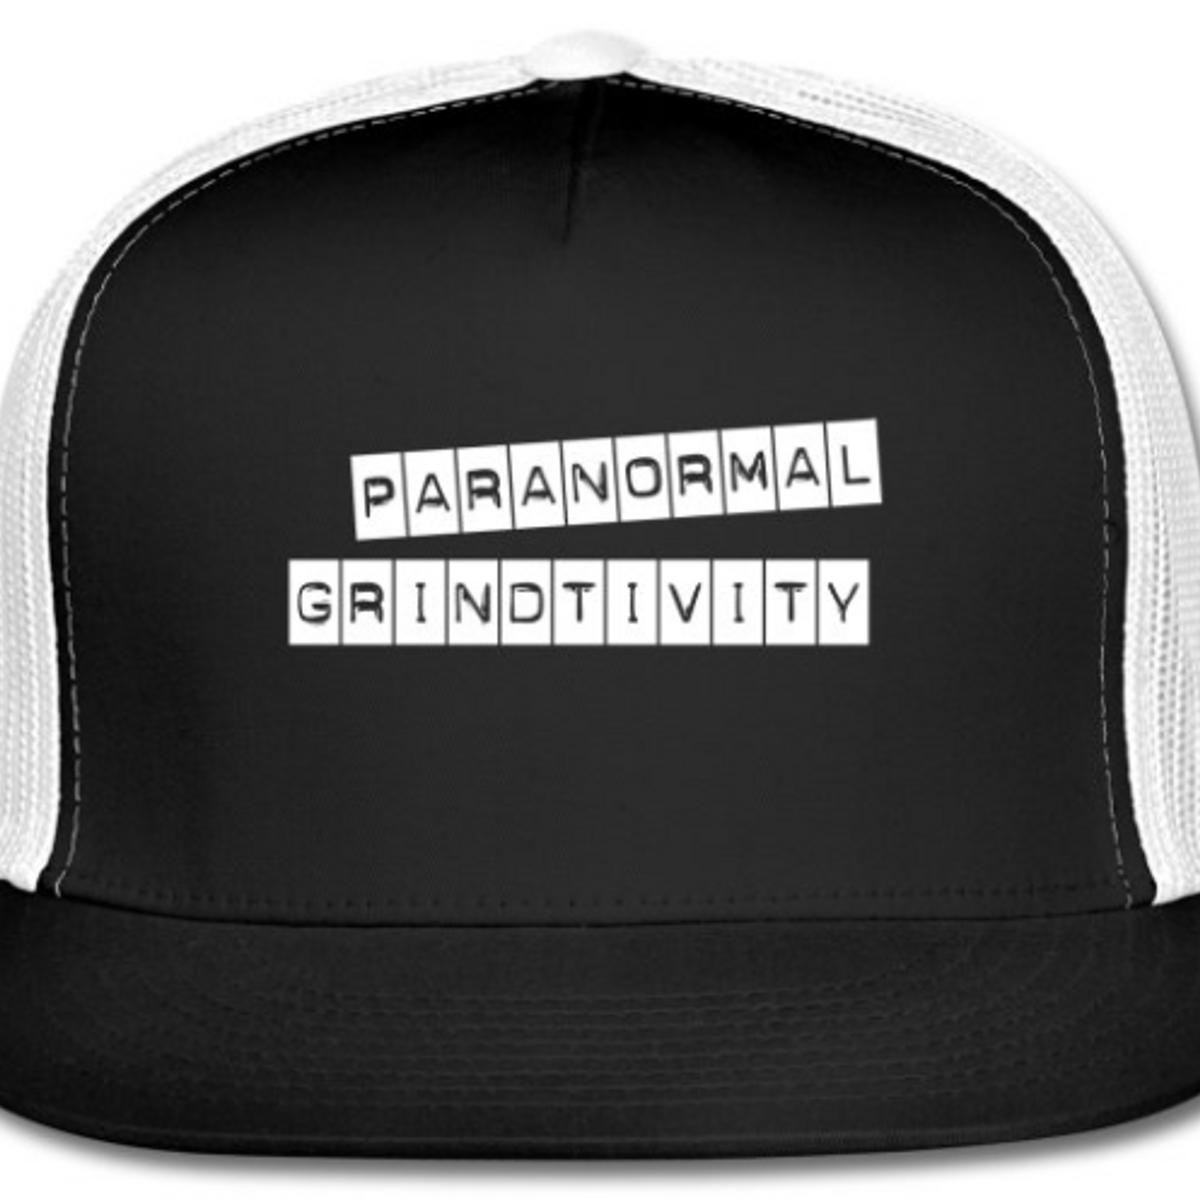 ed6511f1864 Paranormal Grindtivity Trucker Hat - Undastreet